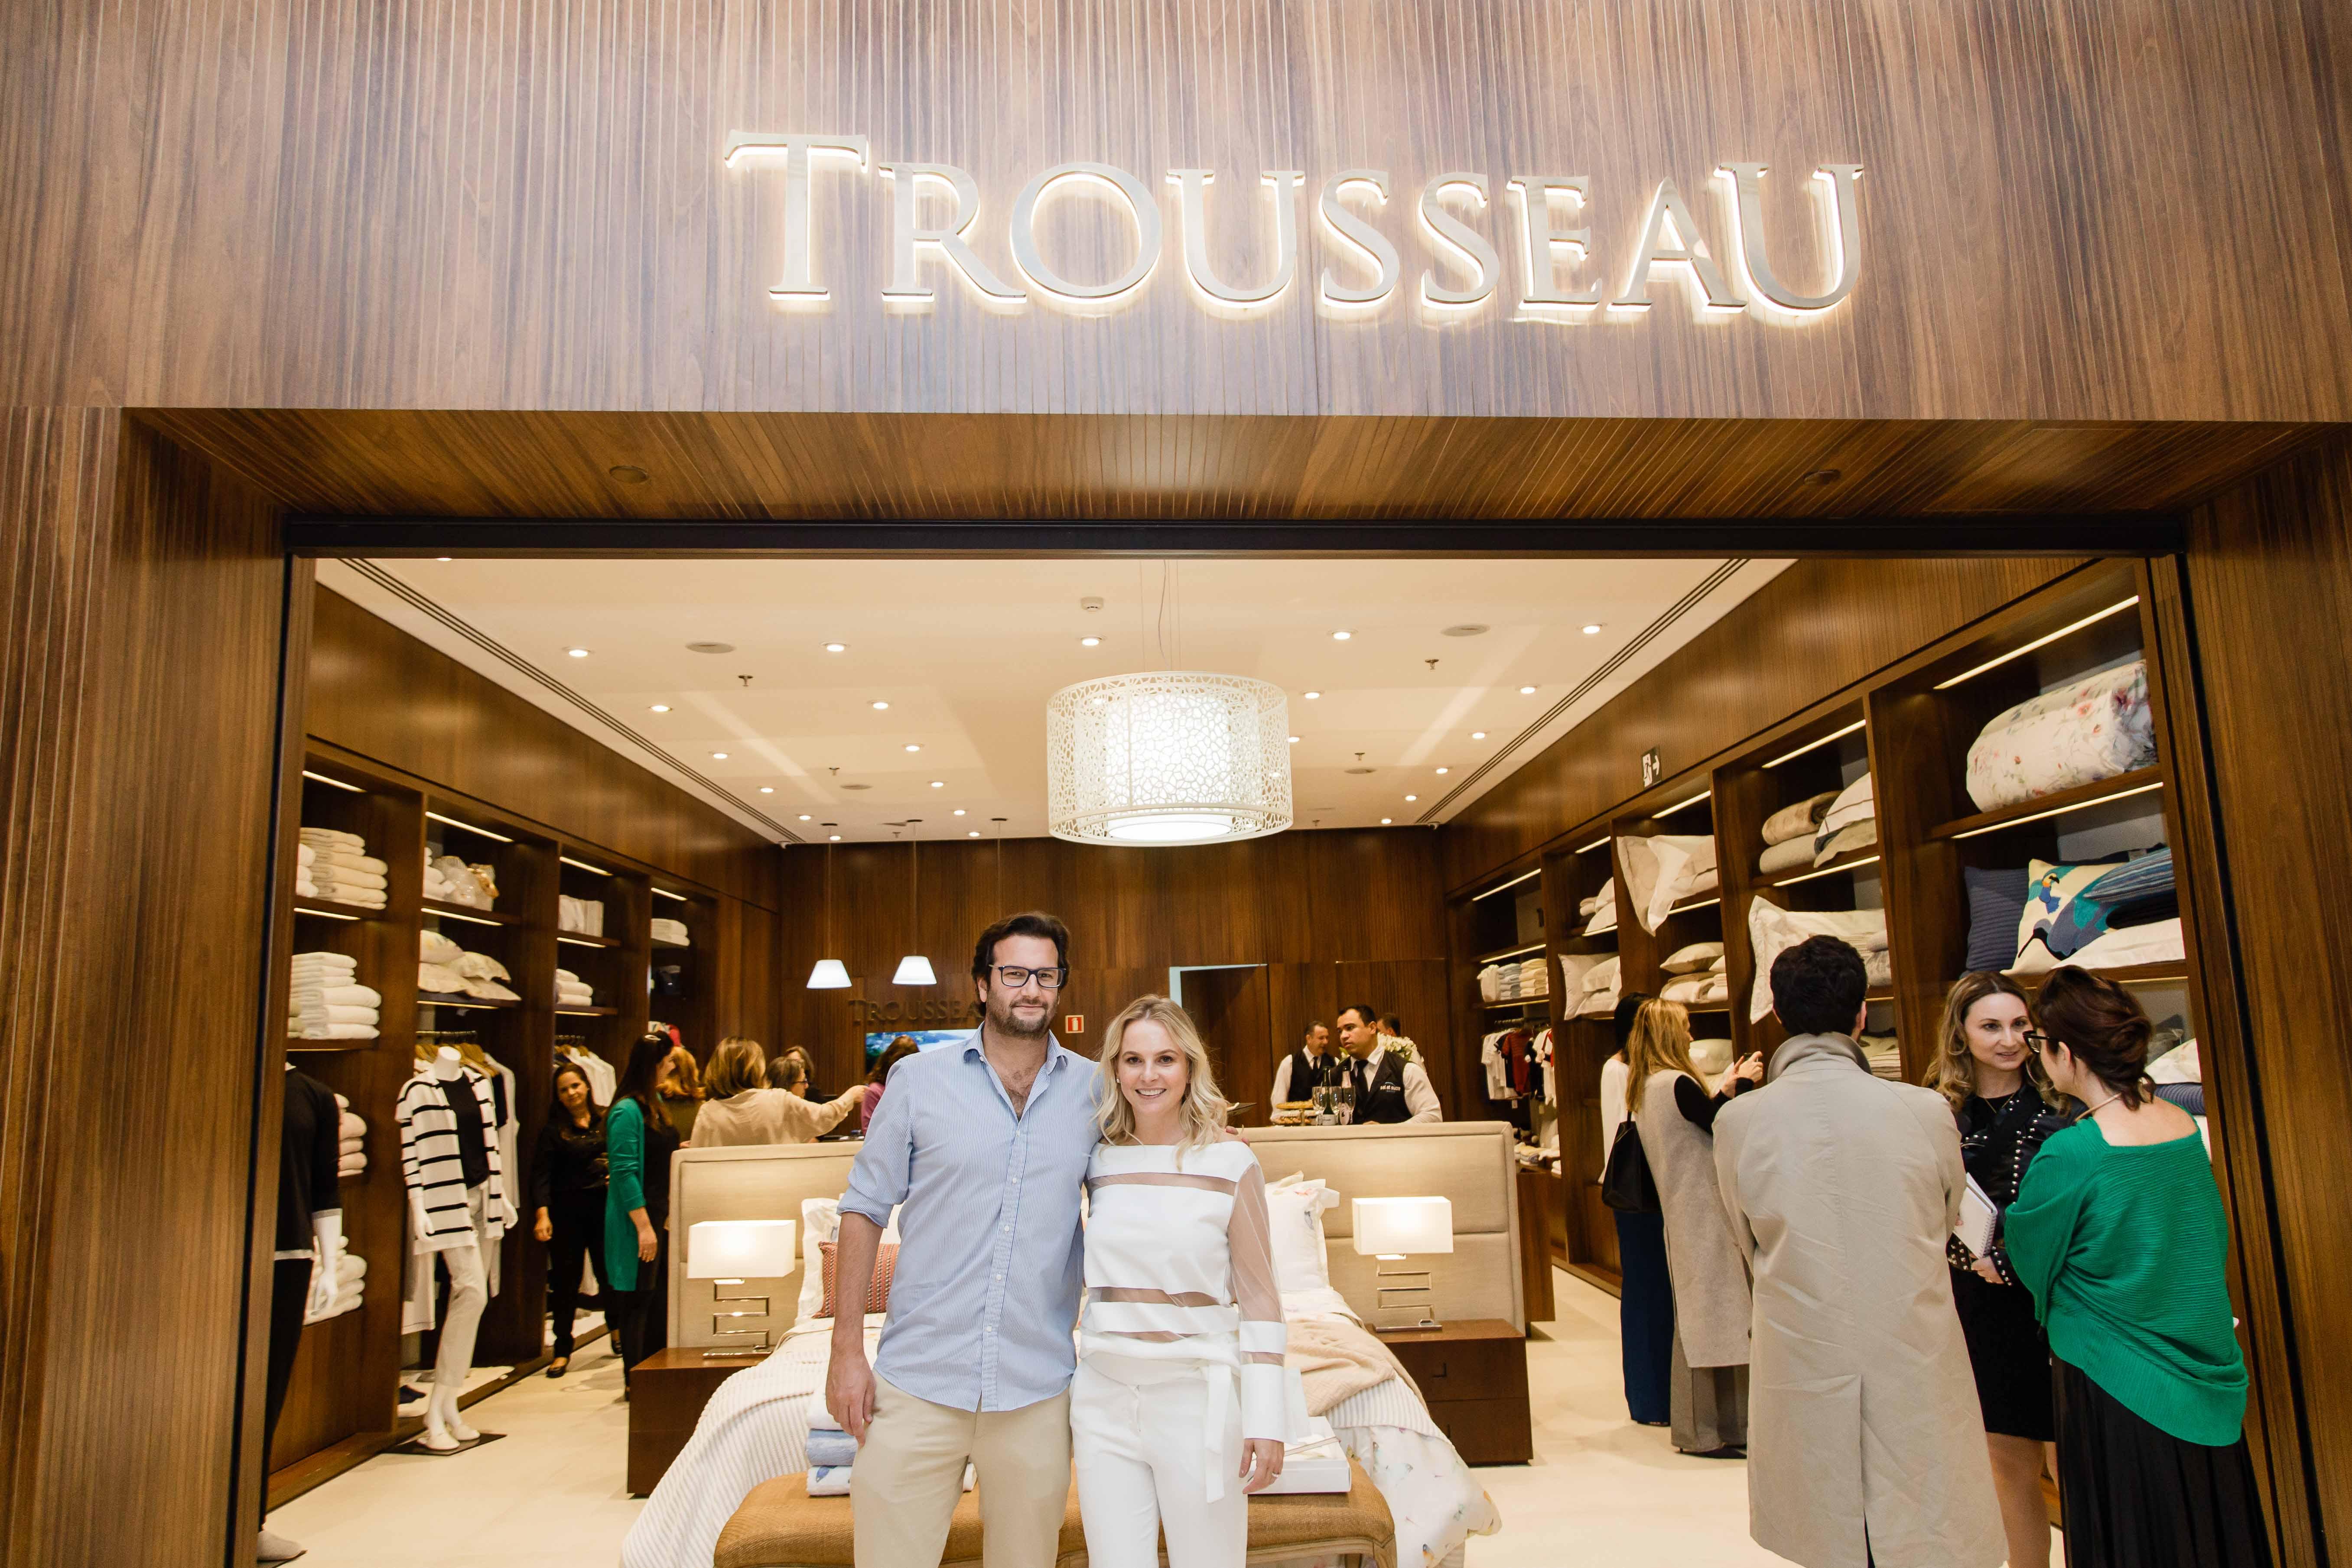 Coleção Celebrate da Trousseau Curitiba é lançada com coquetel